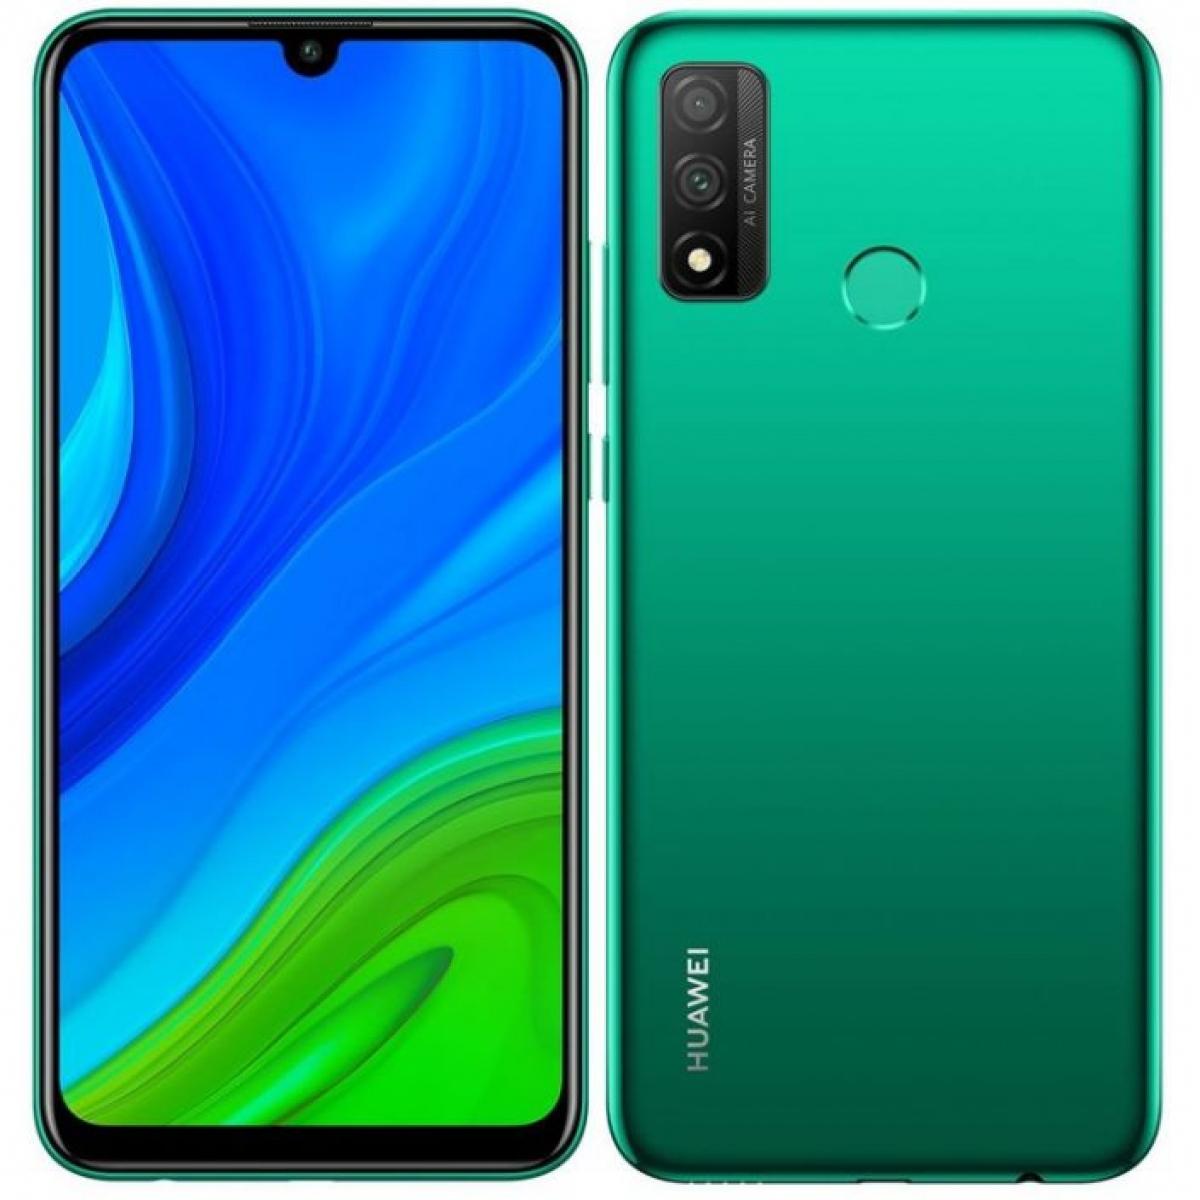 Kích thước nhỏ gọn của Huawei P Smart 2020 lý tưởng cho những người muốn tận hưởng cảm giác hoàn hảo ngay từ lần sử dụng đầu tiên. Điểm cộng của điện thoại là màn hình 6,2 inch được hiệu chỉnh tốt cho phép hiển thị mọi nội dung với chất lượng tối ưu.